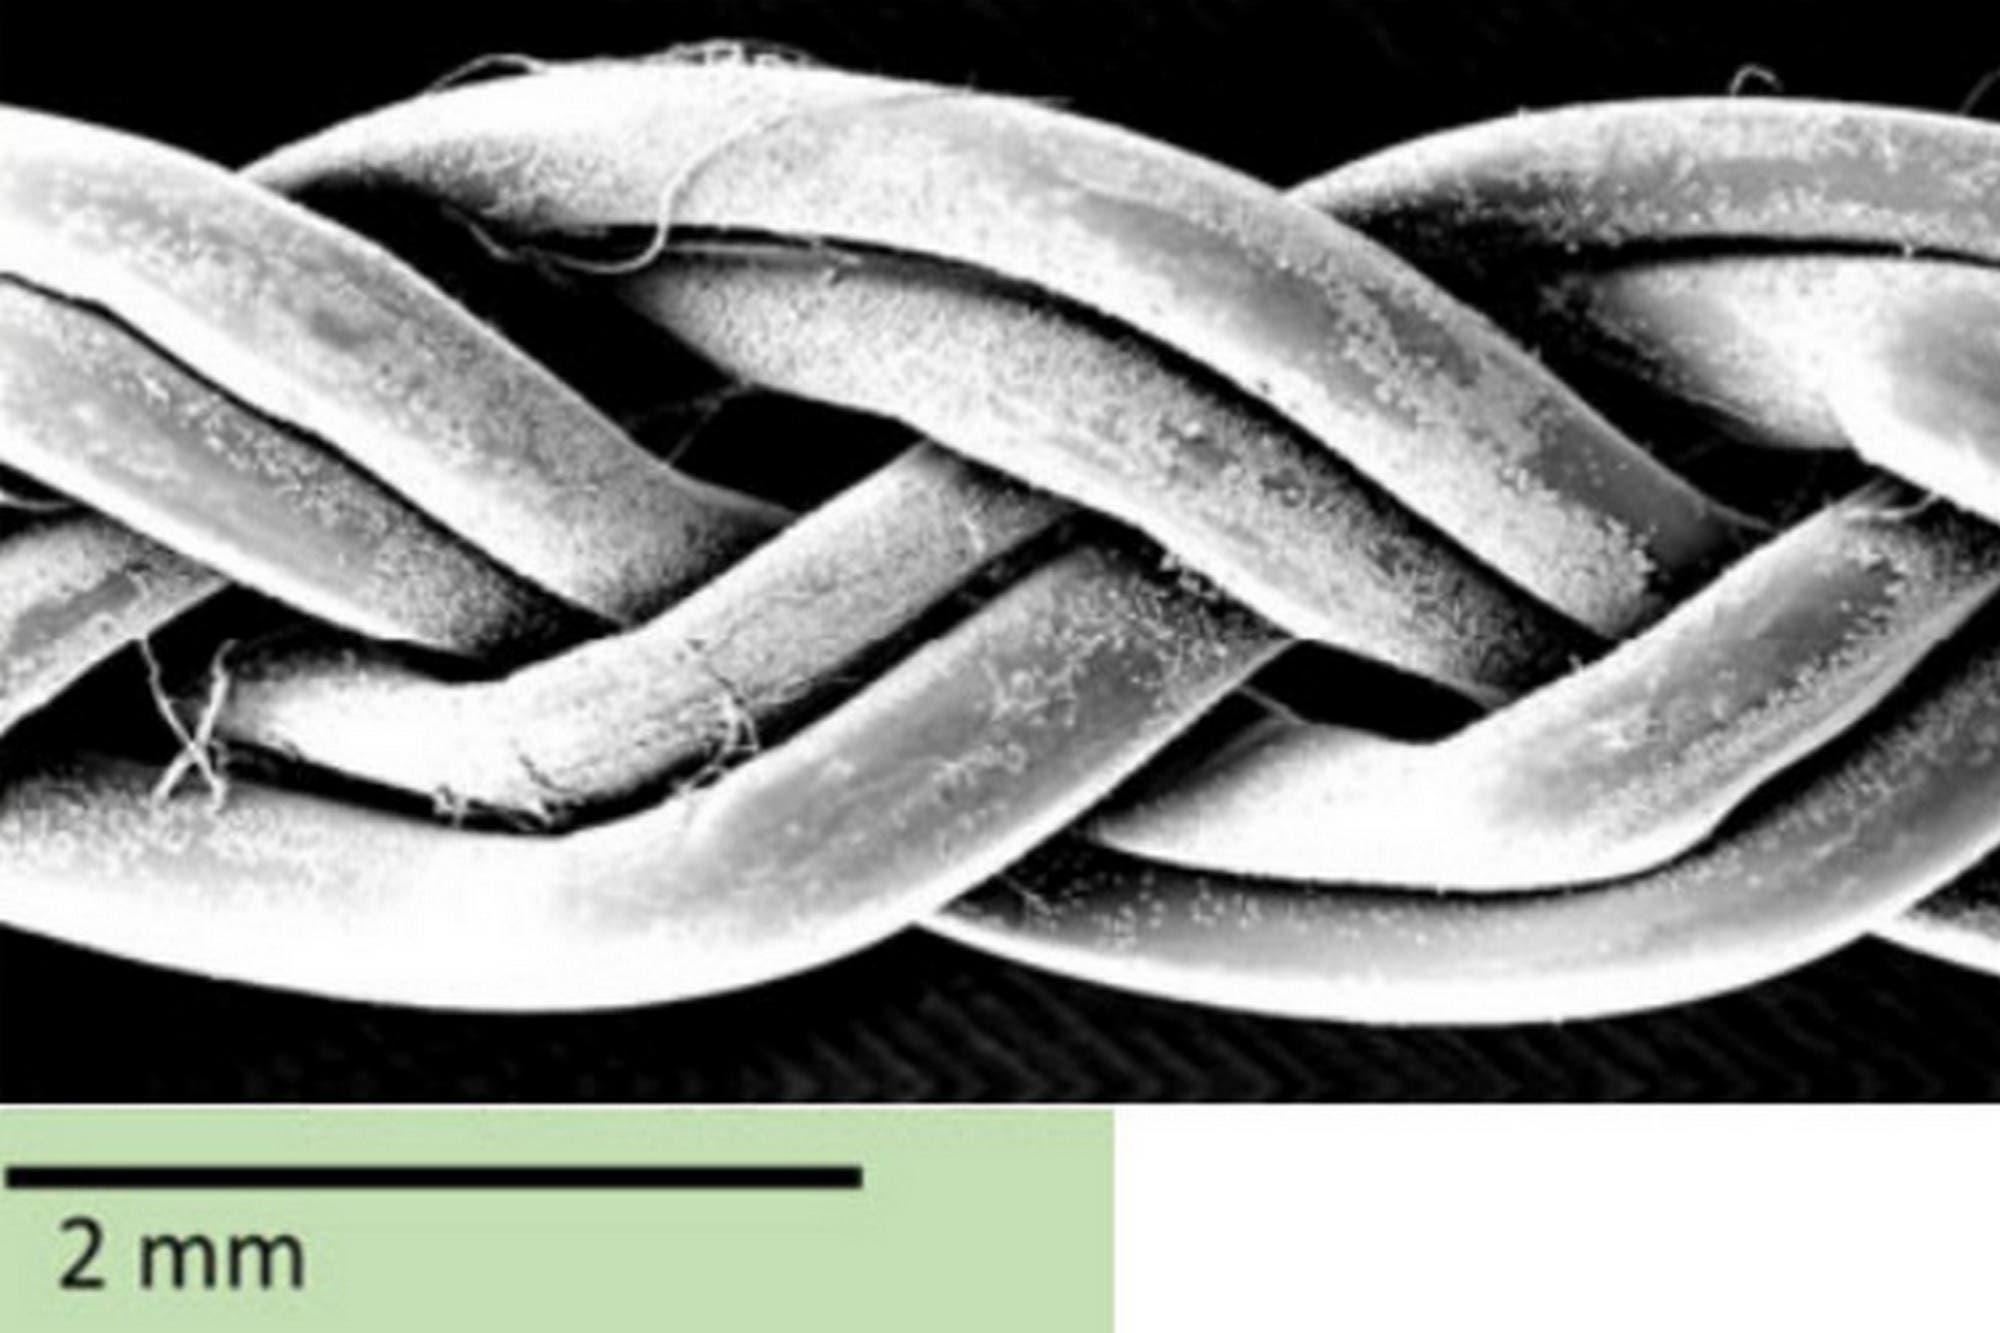 Con fibras de gusano: así se busca reparar tendones y ligamentos dañados